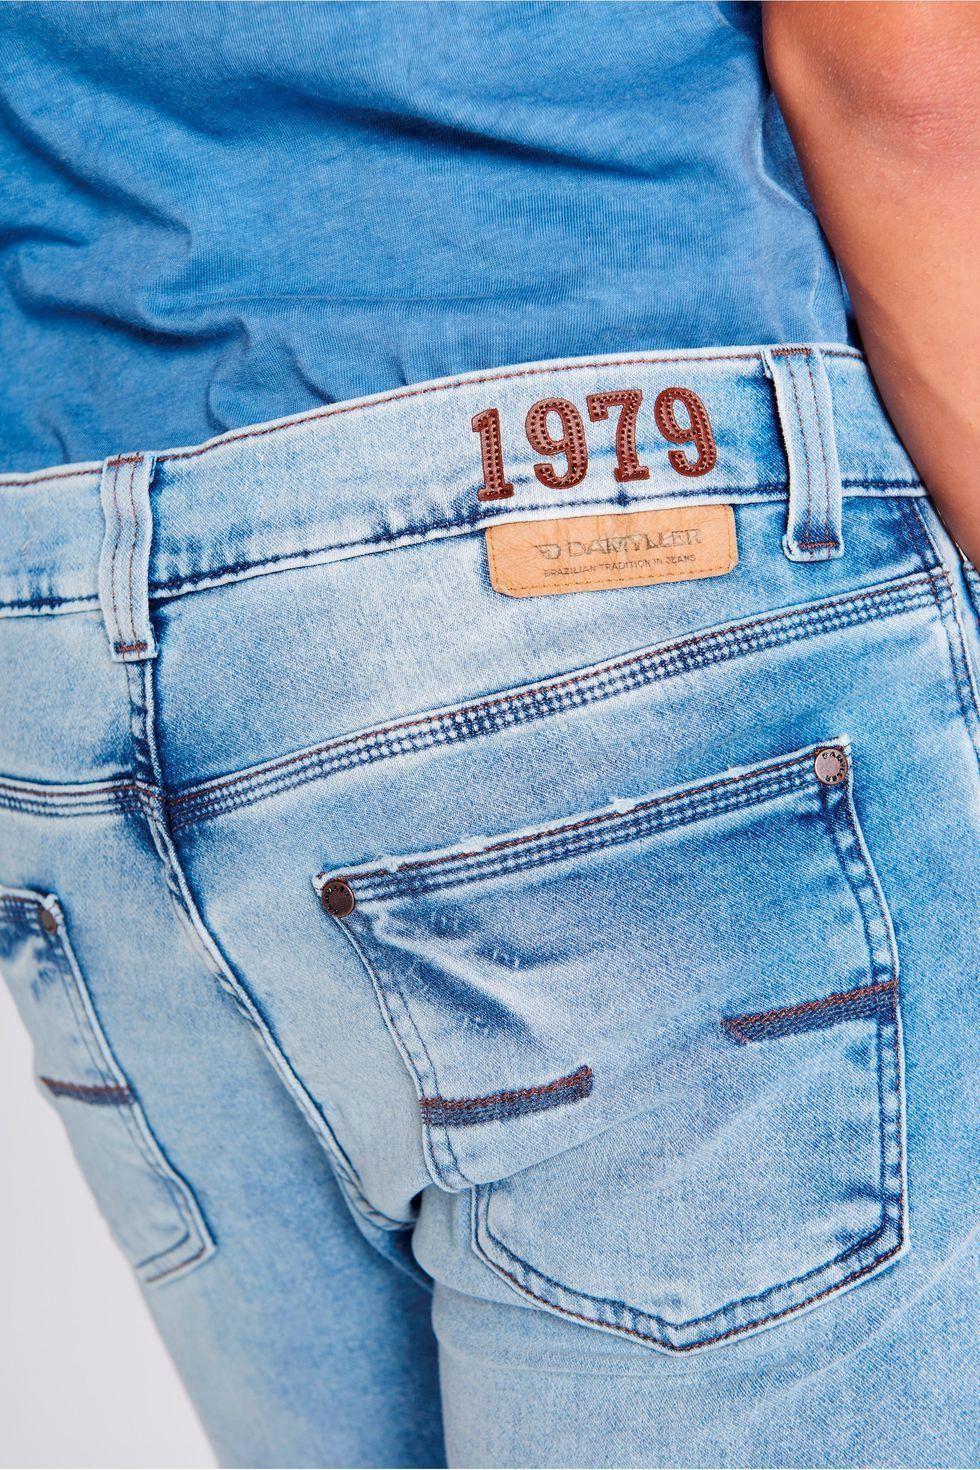 asda skinny jeans men